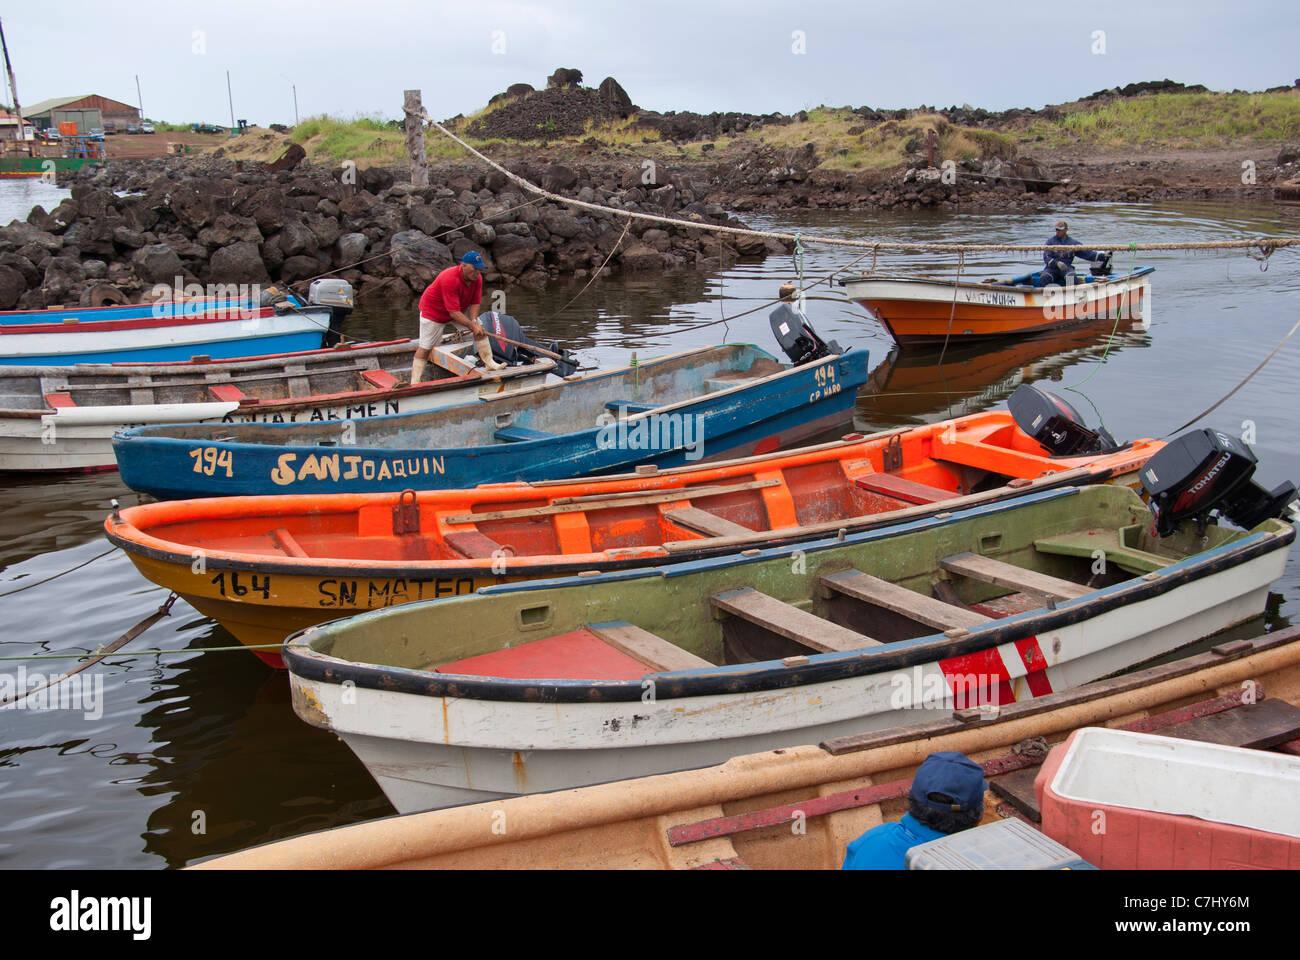 Fisherman Tie Boat Imágenes De Stock & Fisherman Tie Boat Fotos De ...